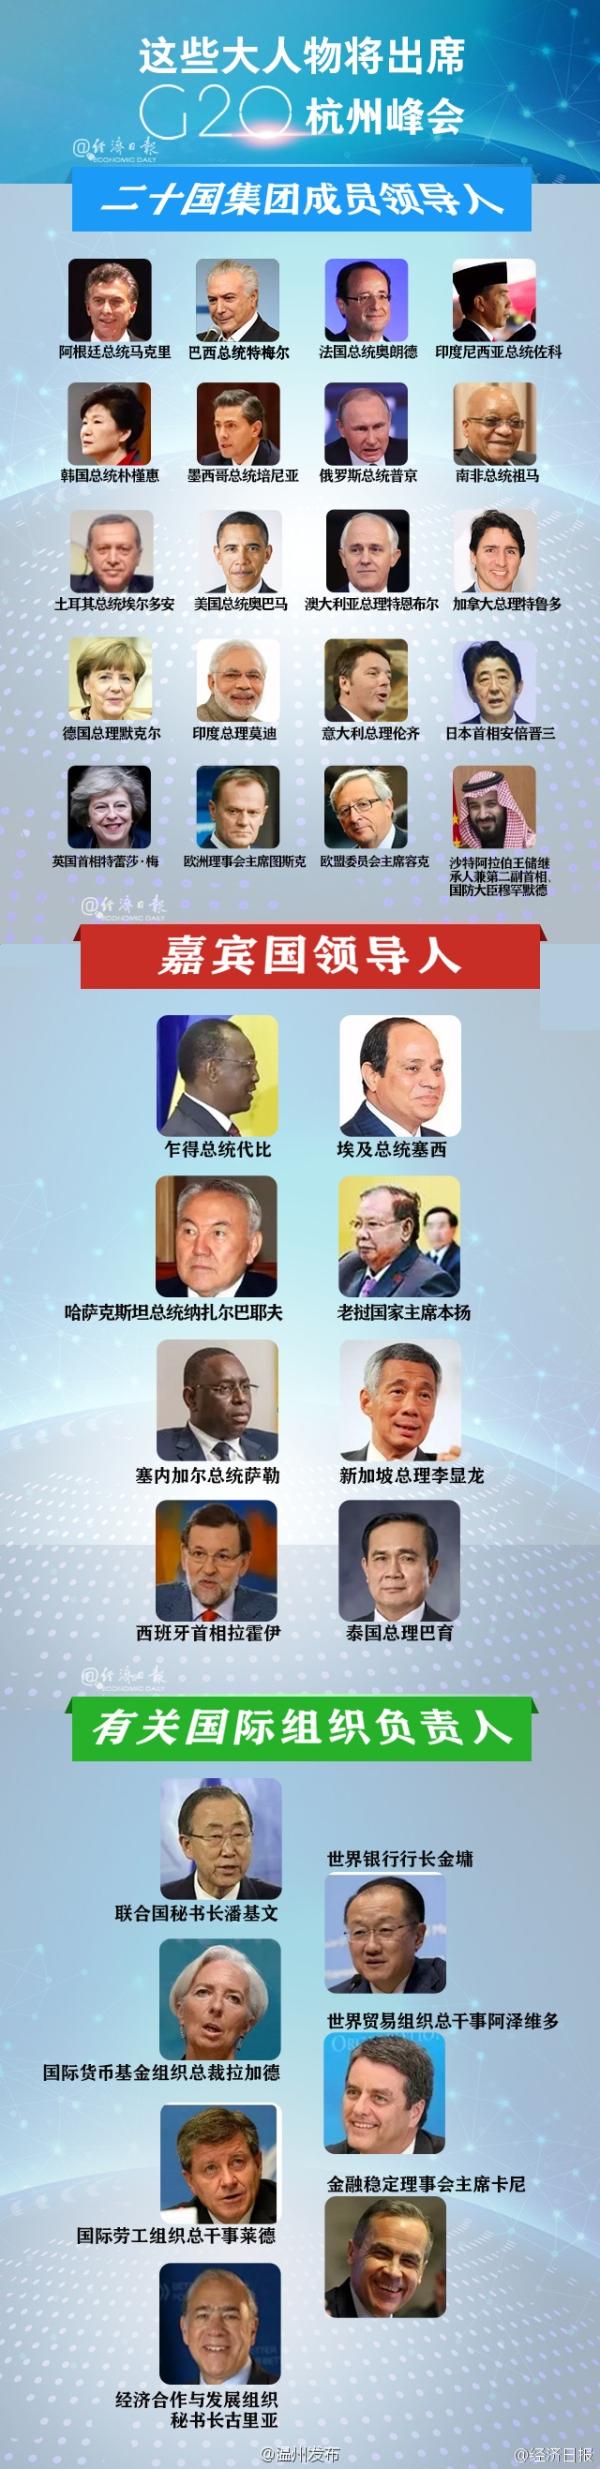 Weibo_Weibo 's Divonsir-Borges por Divonsir Borges TEMOS INTELIGÊNCIA VIVA SUFICIENTE PARA MUDAR O MUNDO. ACREDITAR E ATUAR ESSE É O CAMINHO.!.